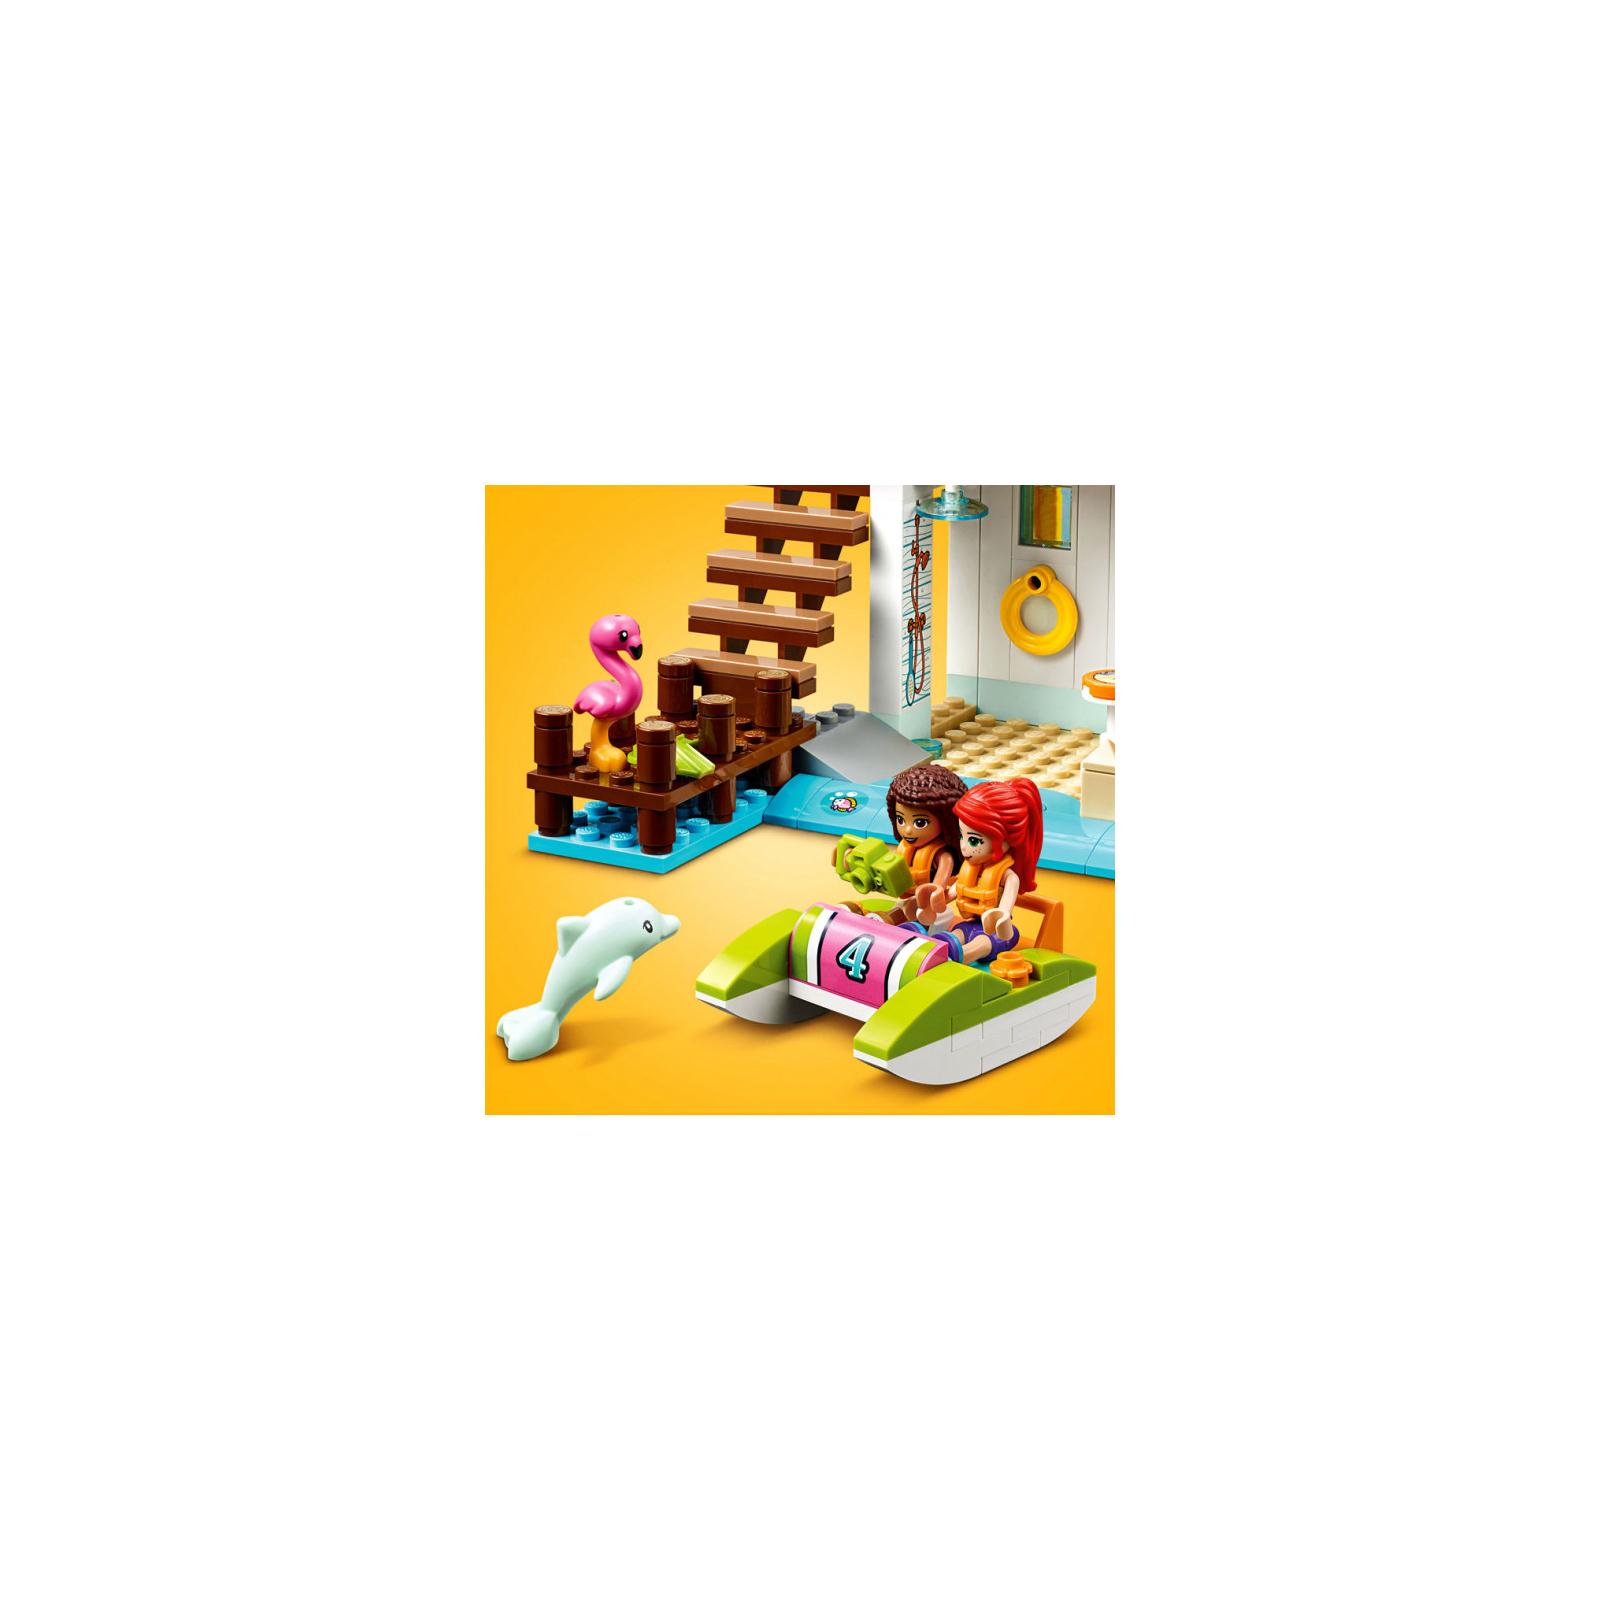 Конструктор LEGO Friends Пляжный домик 444 детали (41428) изображение 11